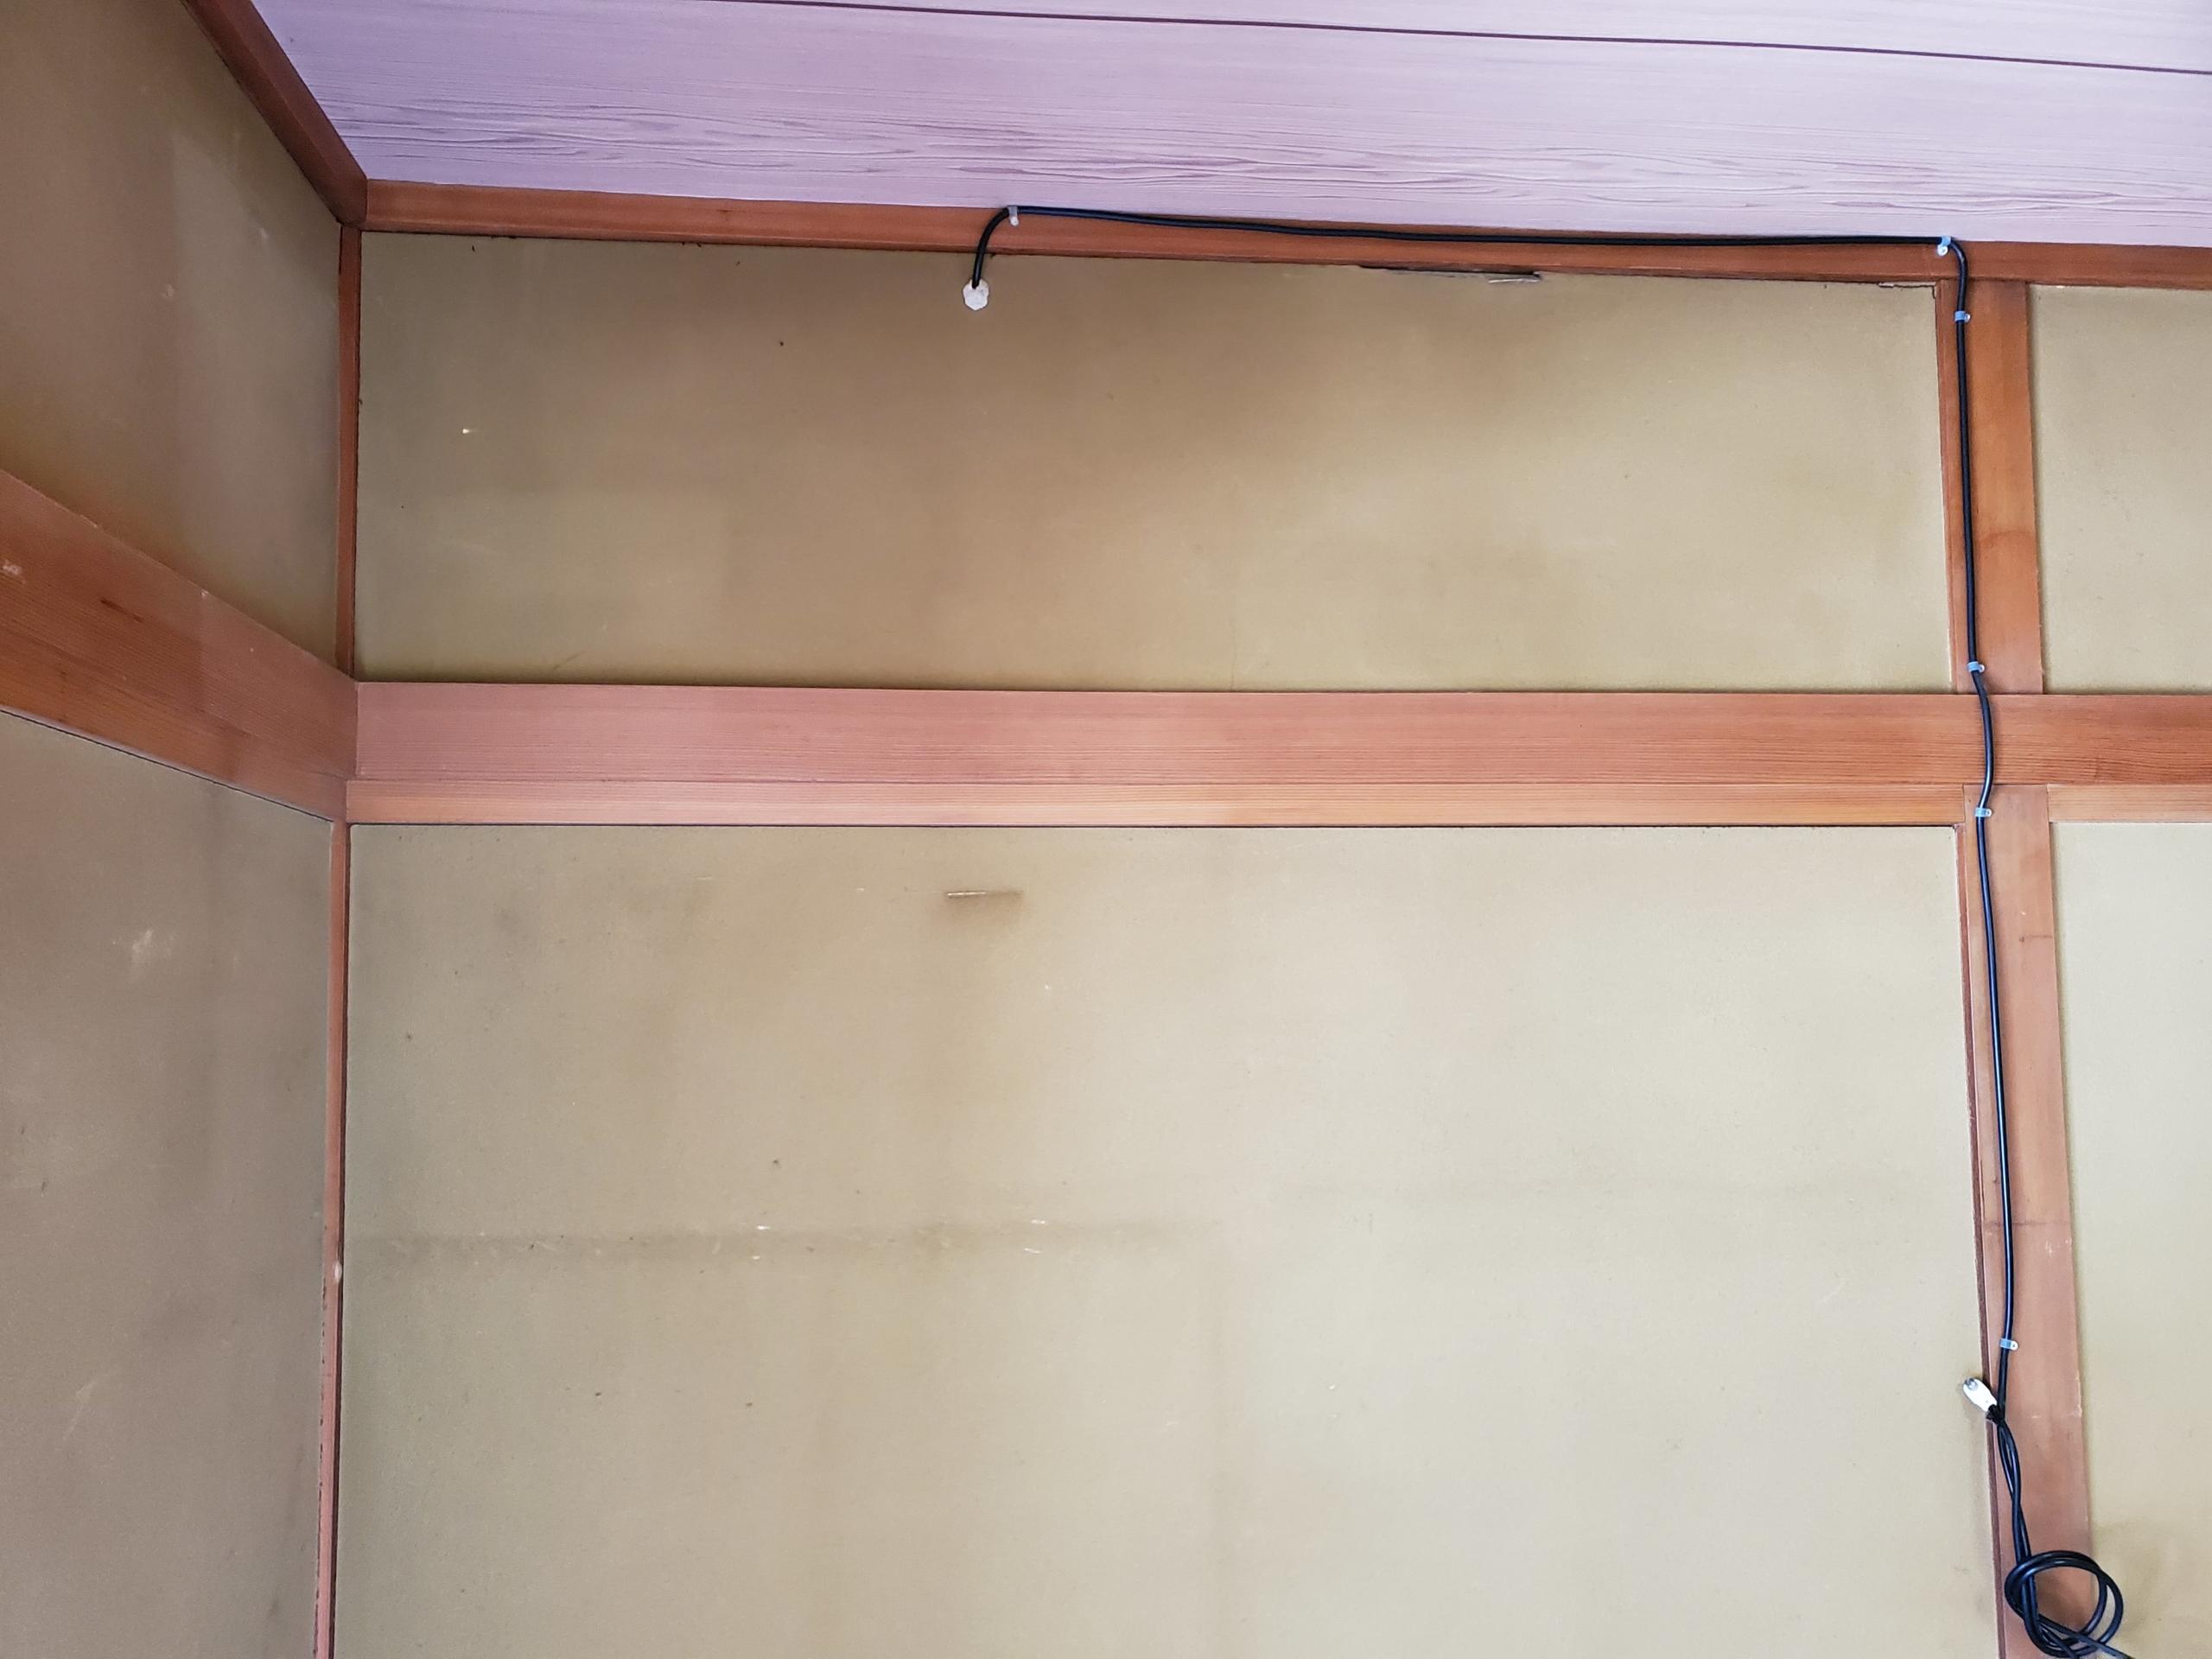 プチリフォーム 和室の砂壁にクロスを貼る方法 Diyで出来る簡単な